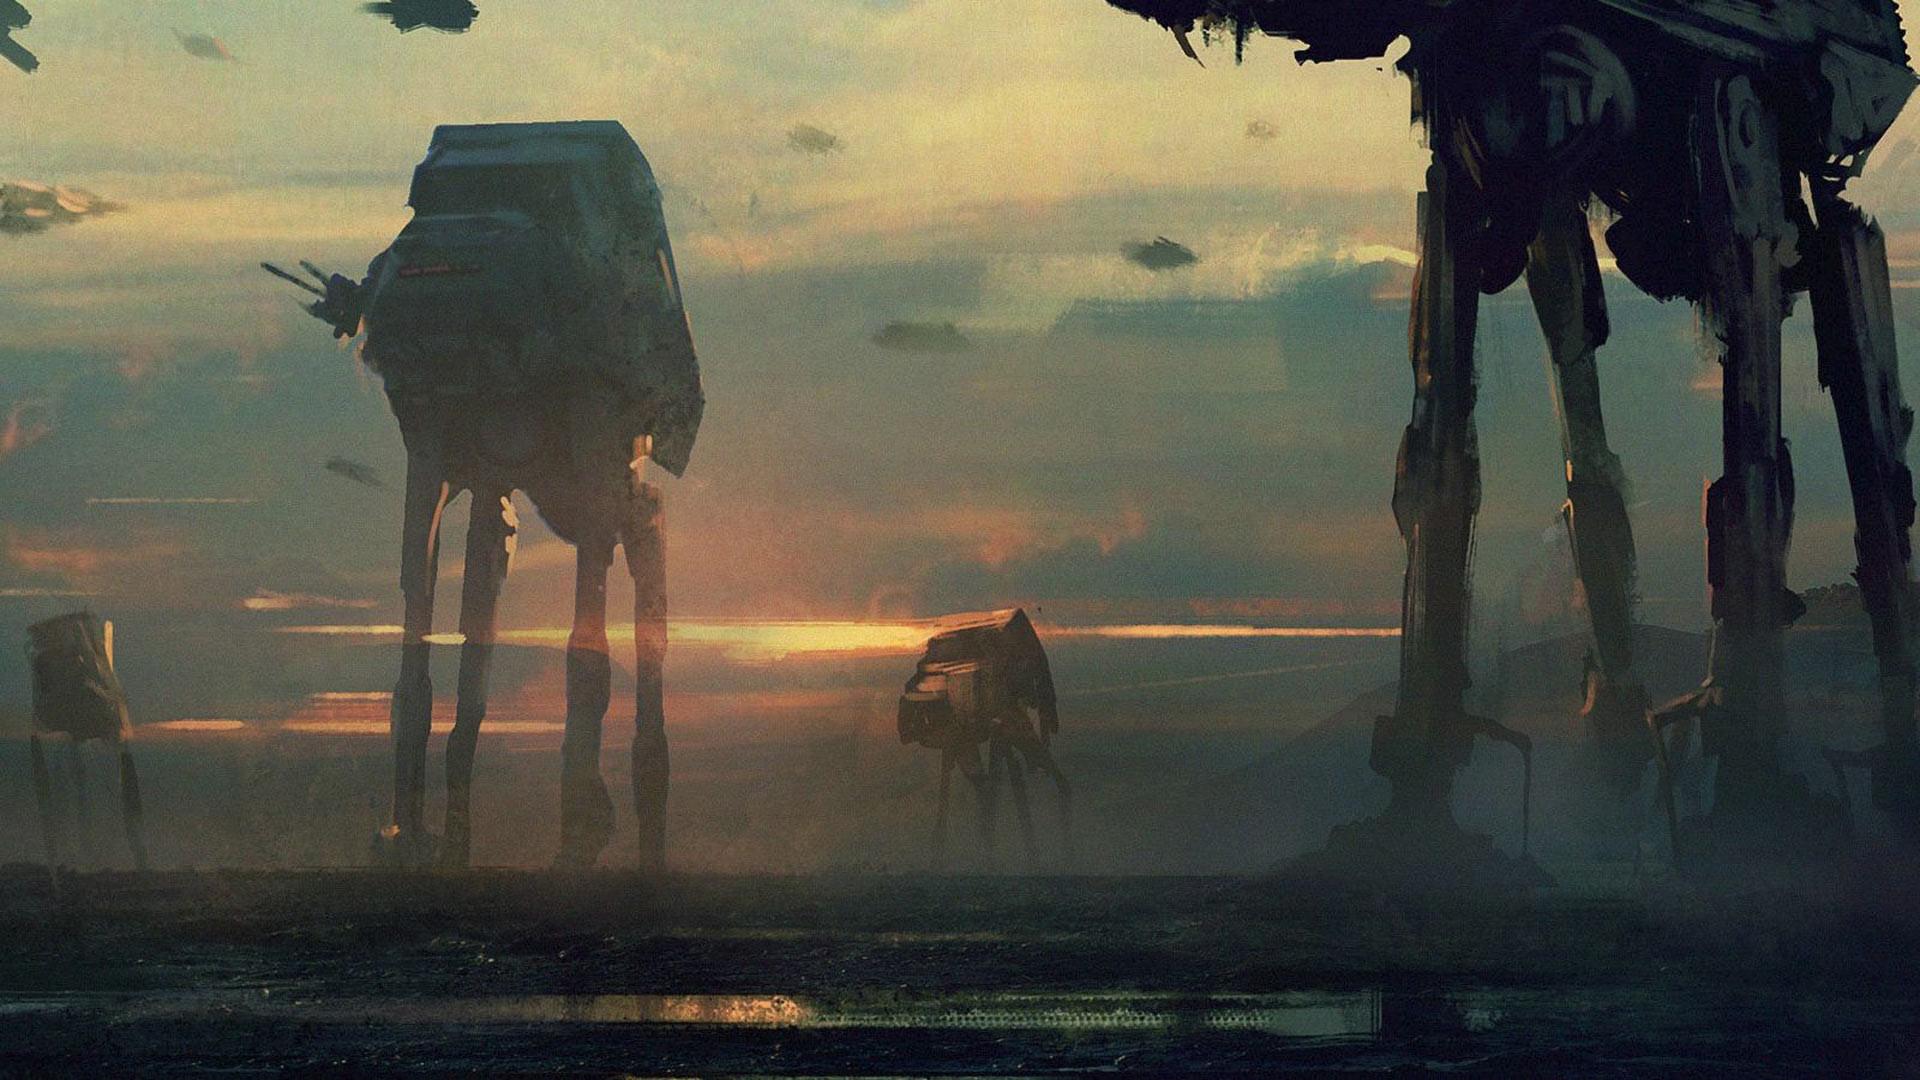 Star Wars AT-AT Walker Wallpapers